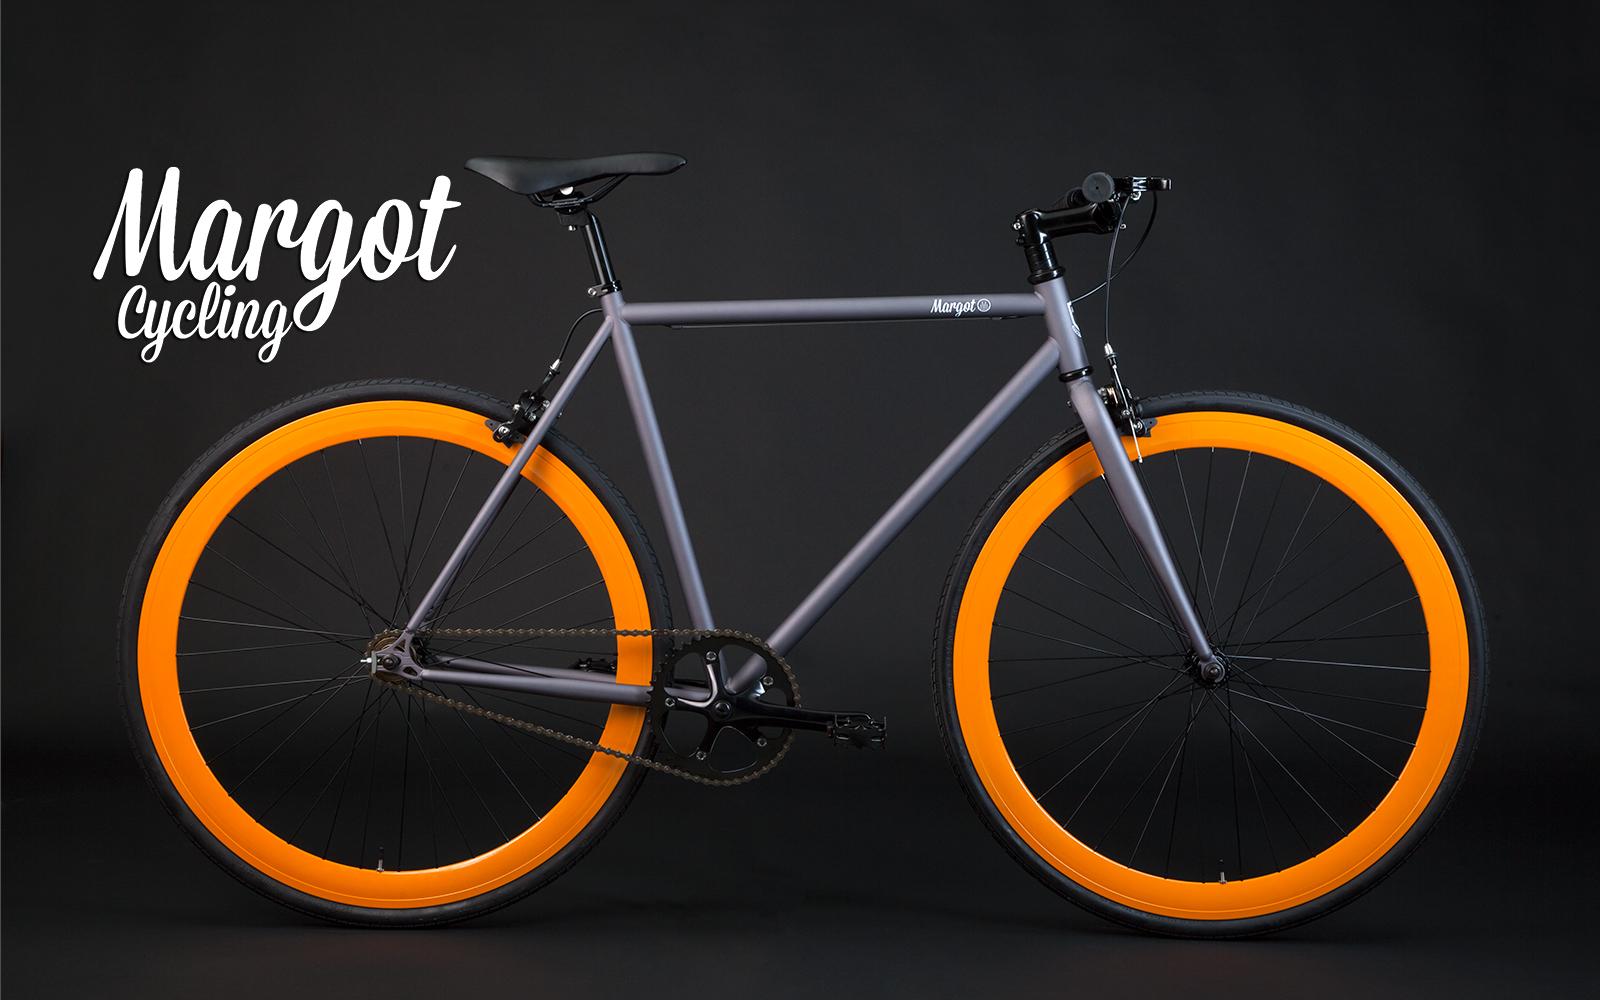 Bicicletta single speed in grigio canna di fucile e cerchi arancio. Al sole spiccano irresistibili riflessi bluette.